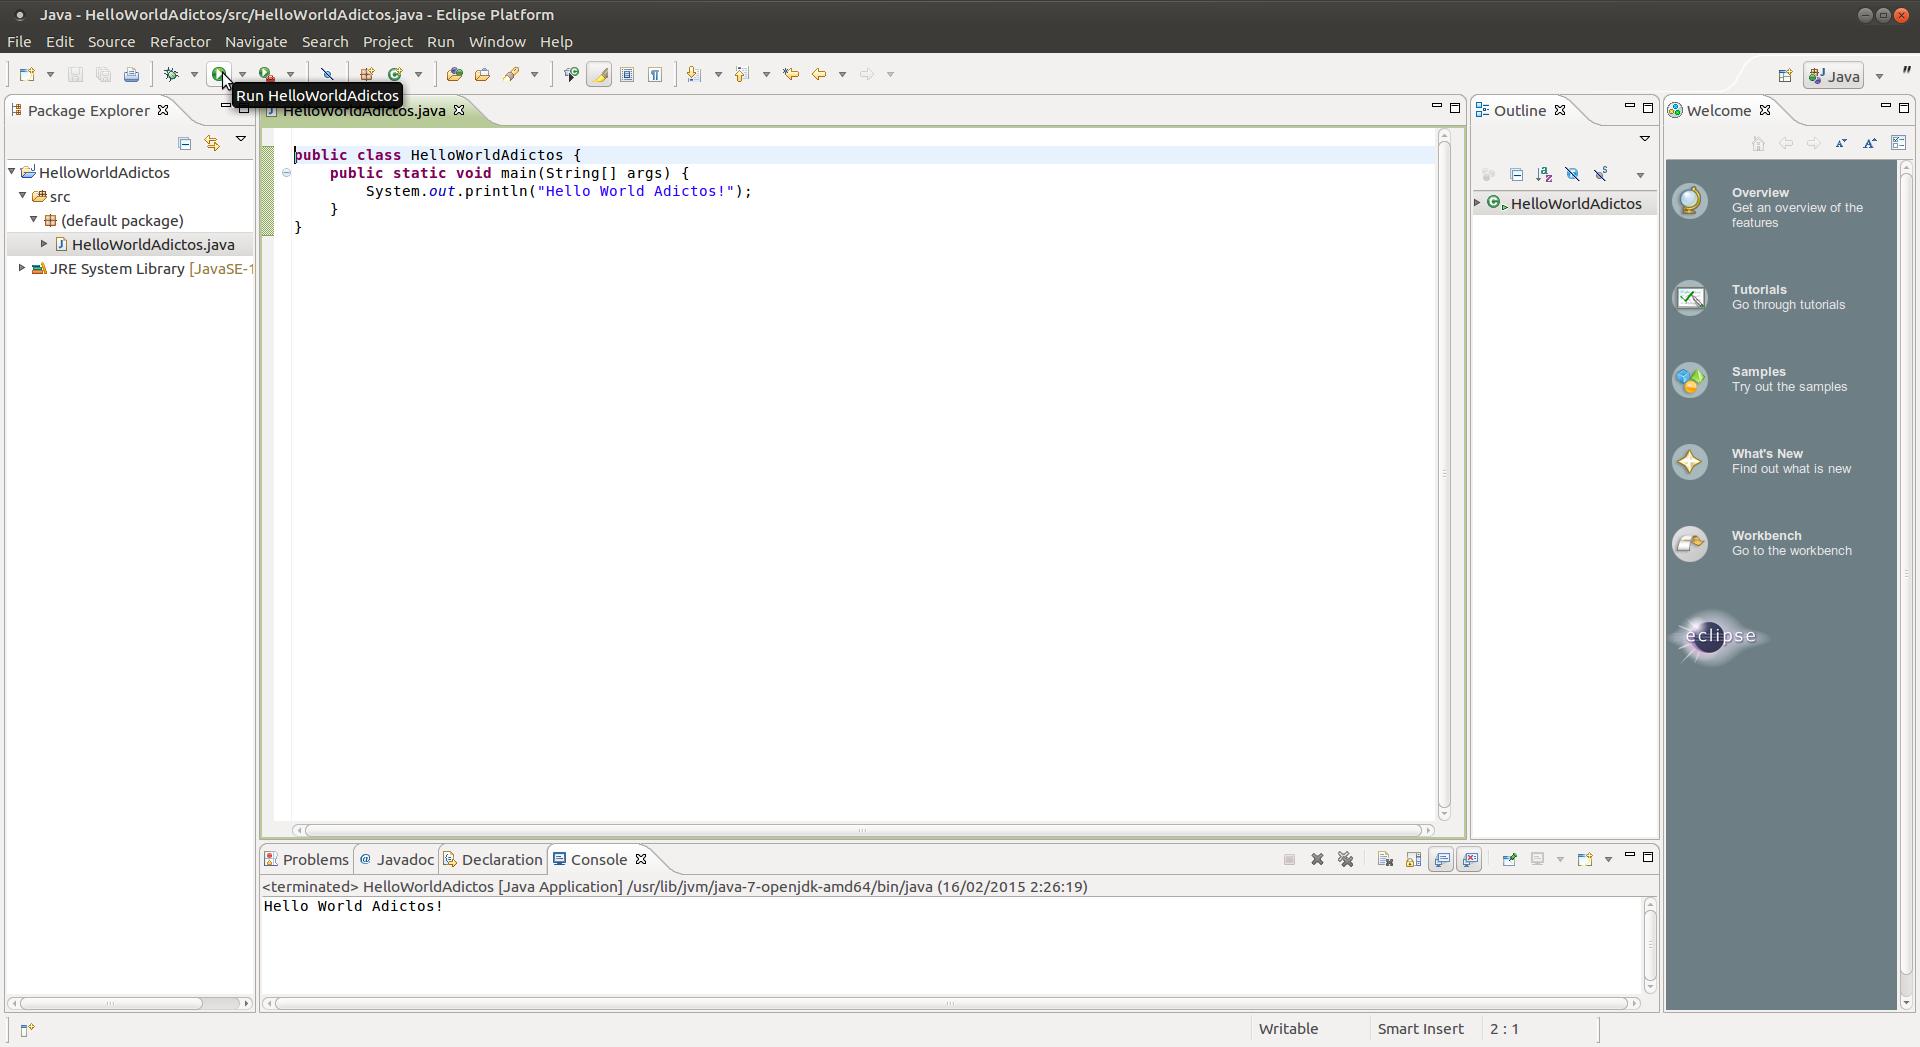 Captura-Java - HelloWorldAdictos-src-HelloWorldAdictos.java - Eclipse Platform